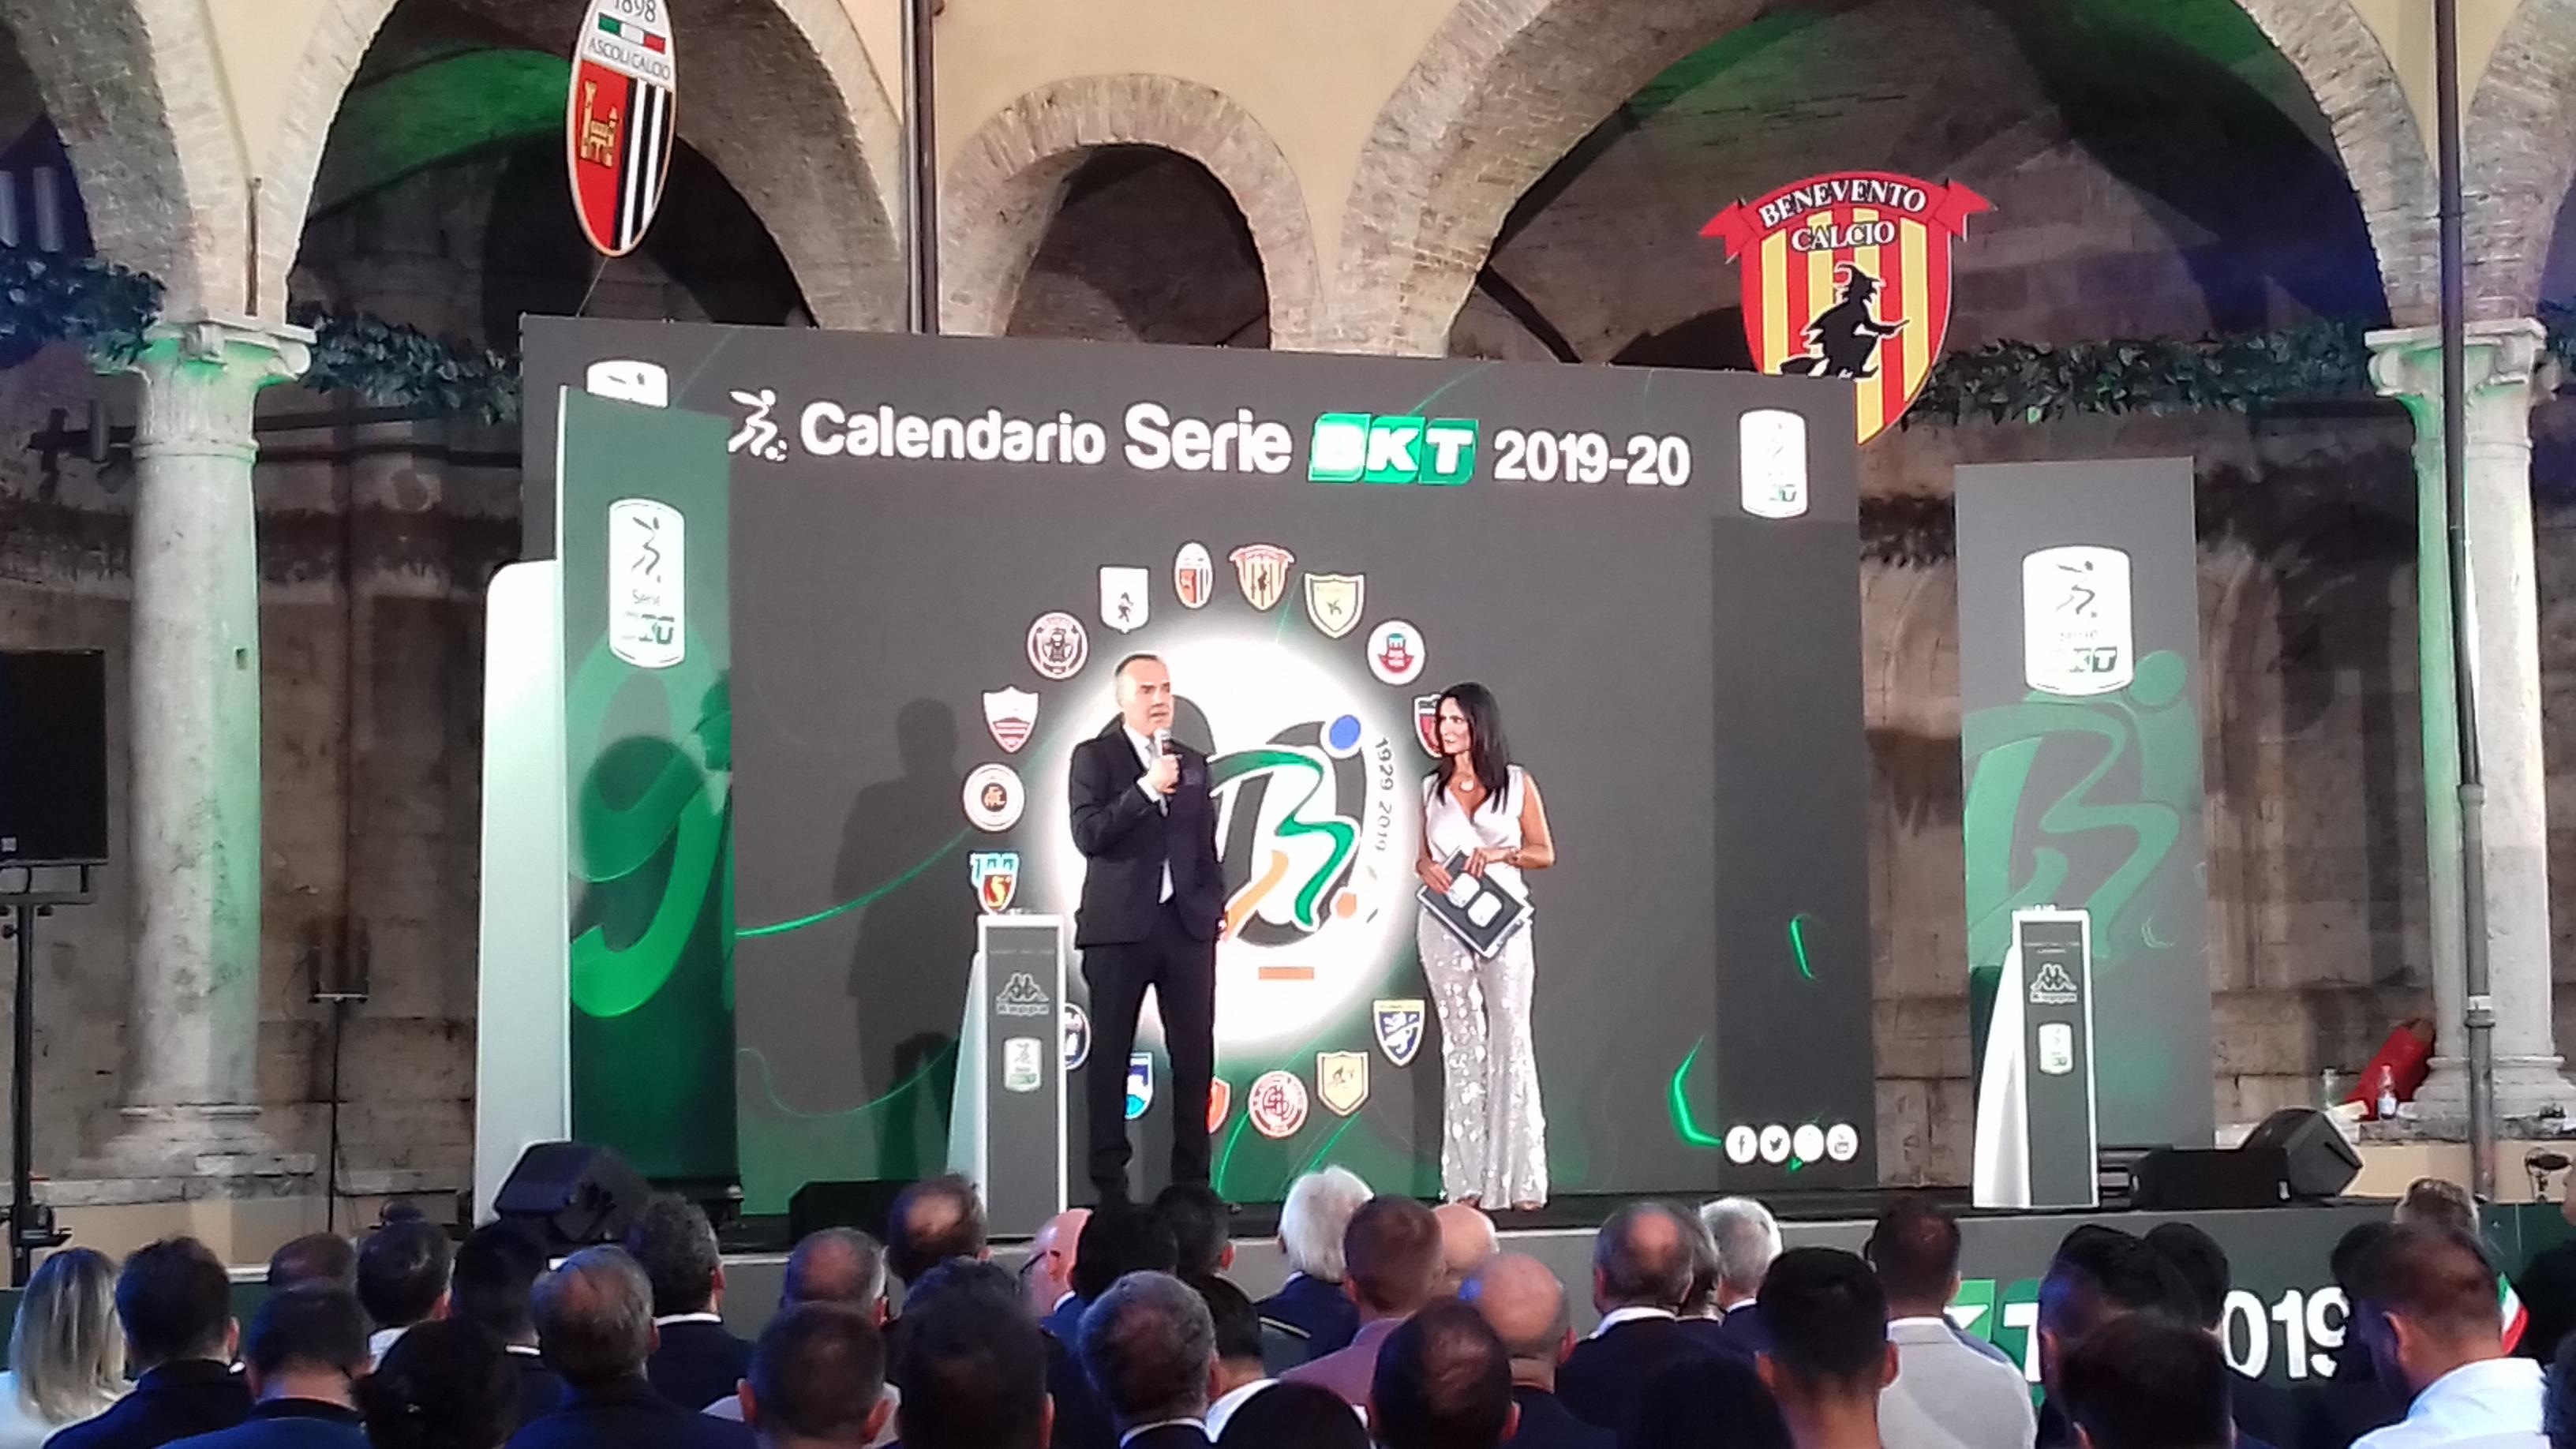 Calendario Benevento Calcio.Benevento C E Gia Un Mese Chiave Virtu E Insidie Del